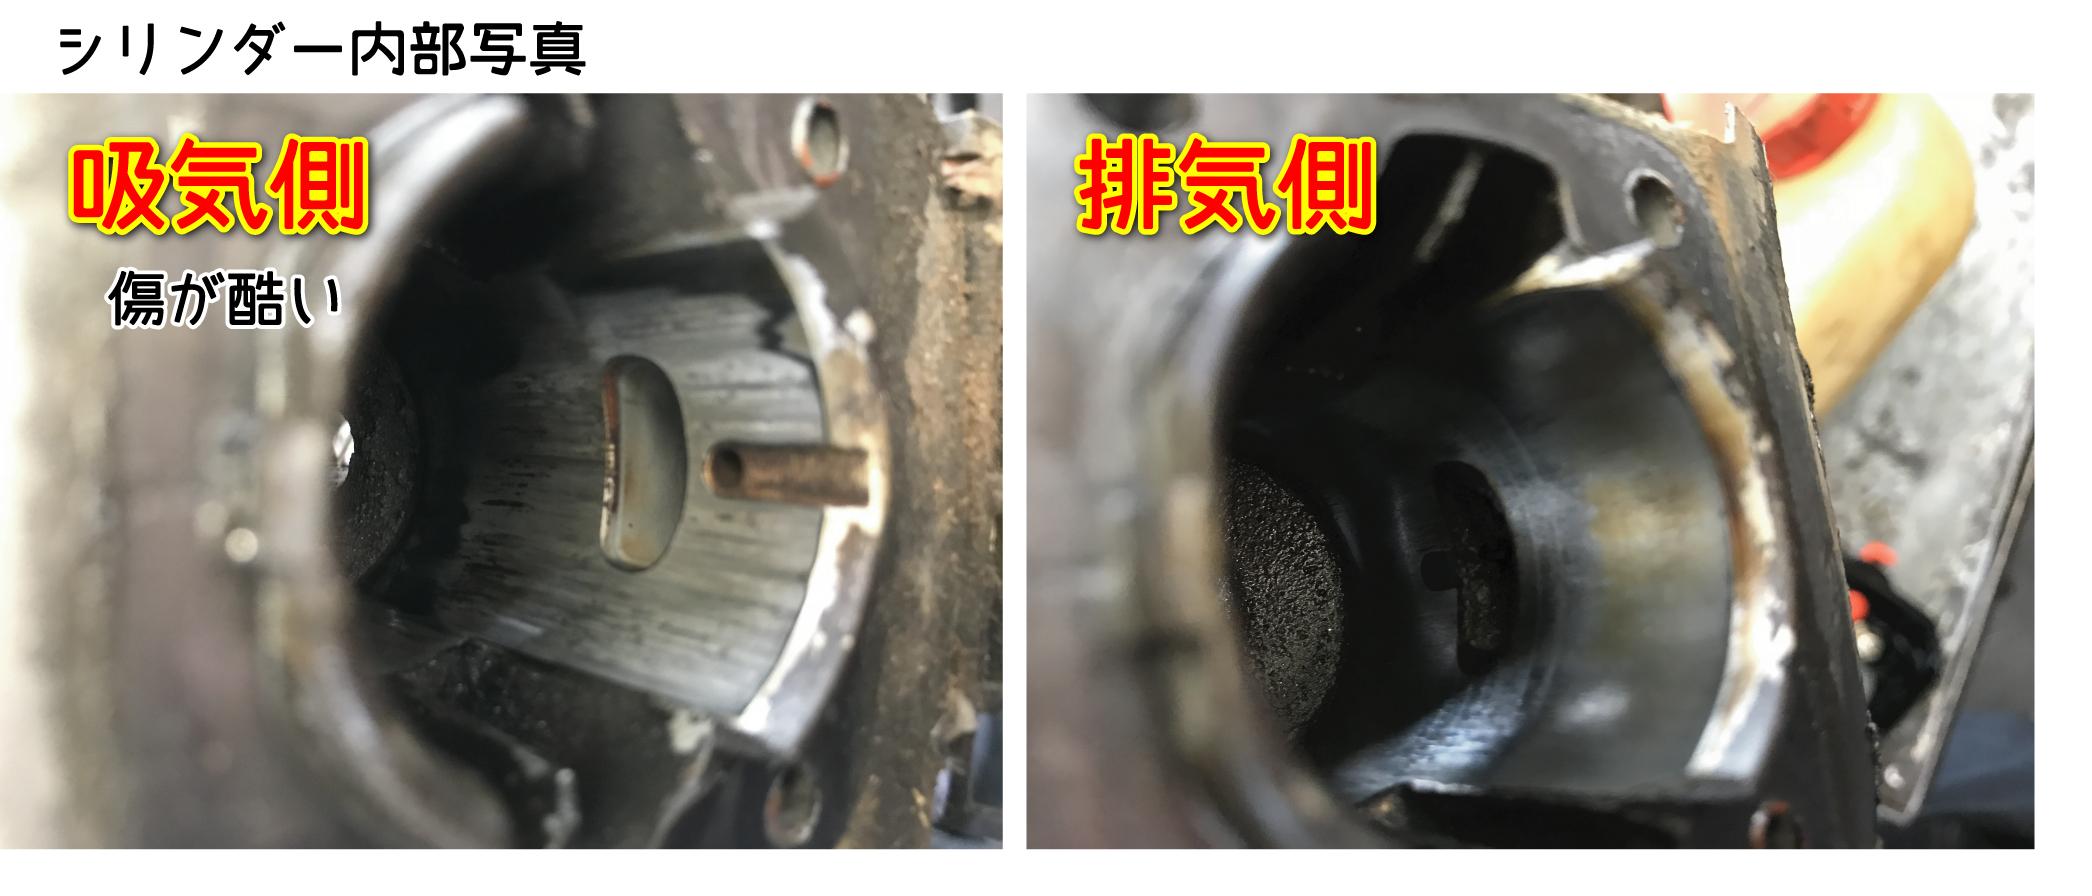 エンジン焼き付き-4